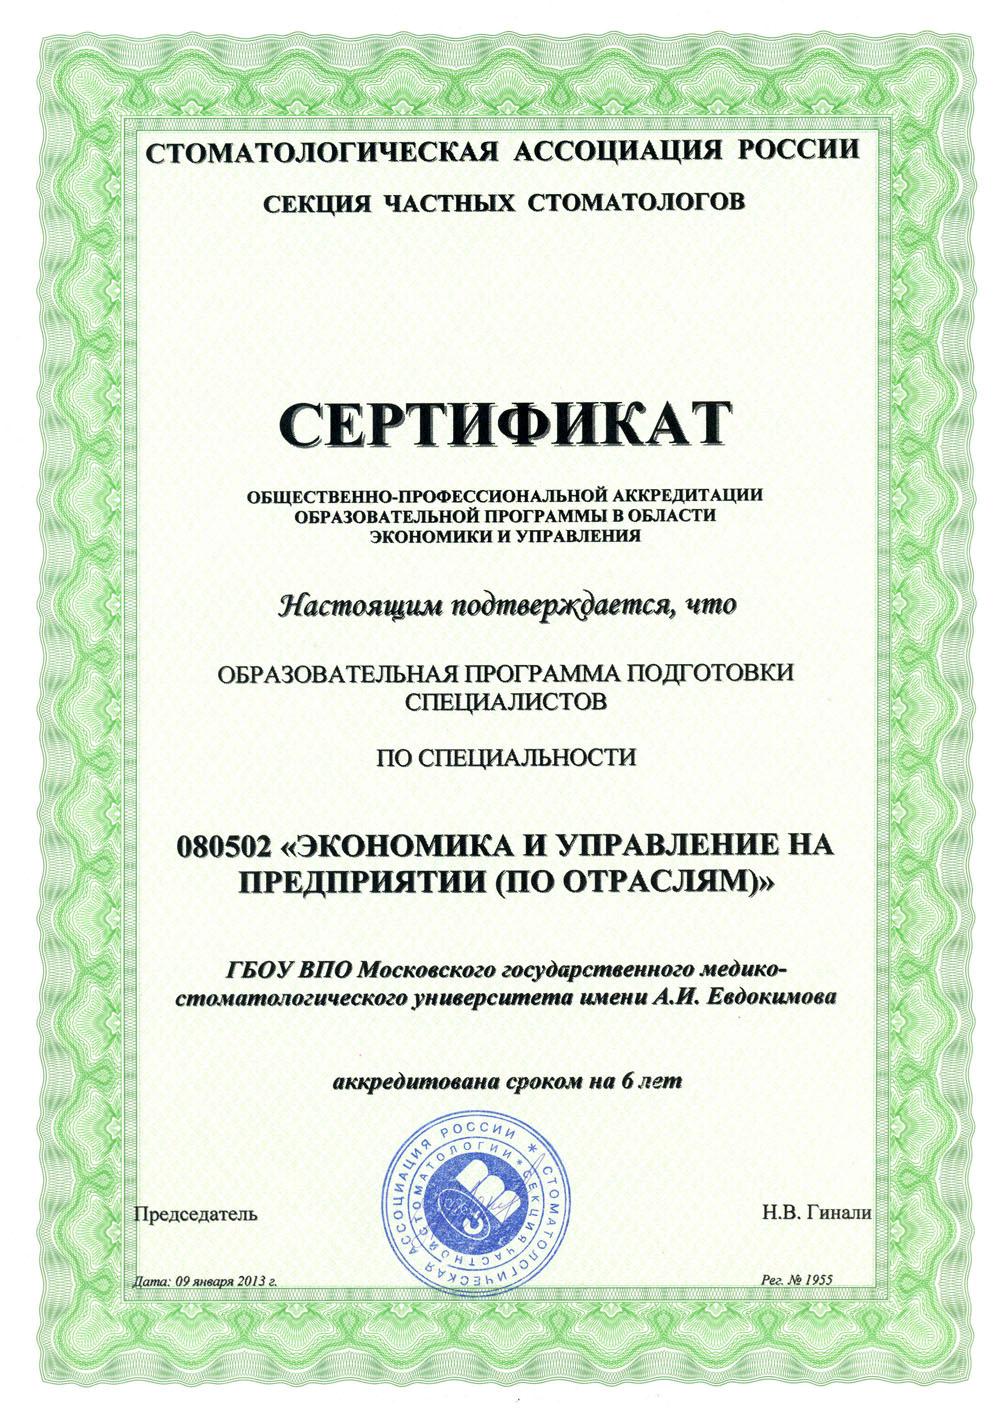 Сертификация по стоматологии форма заявления на получение сертификата в минтерразвития мурманской области